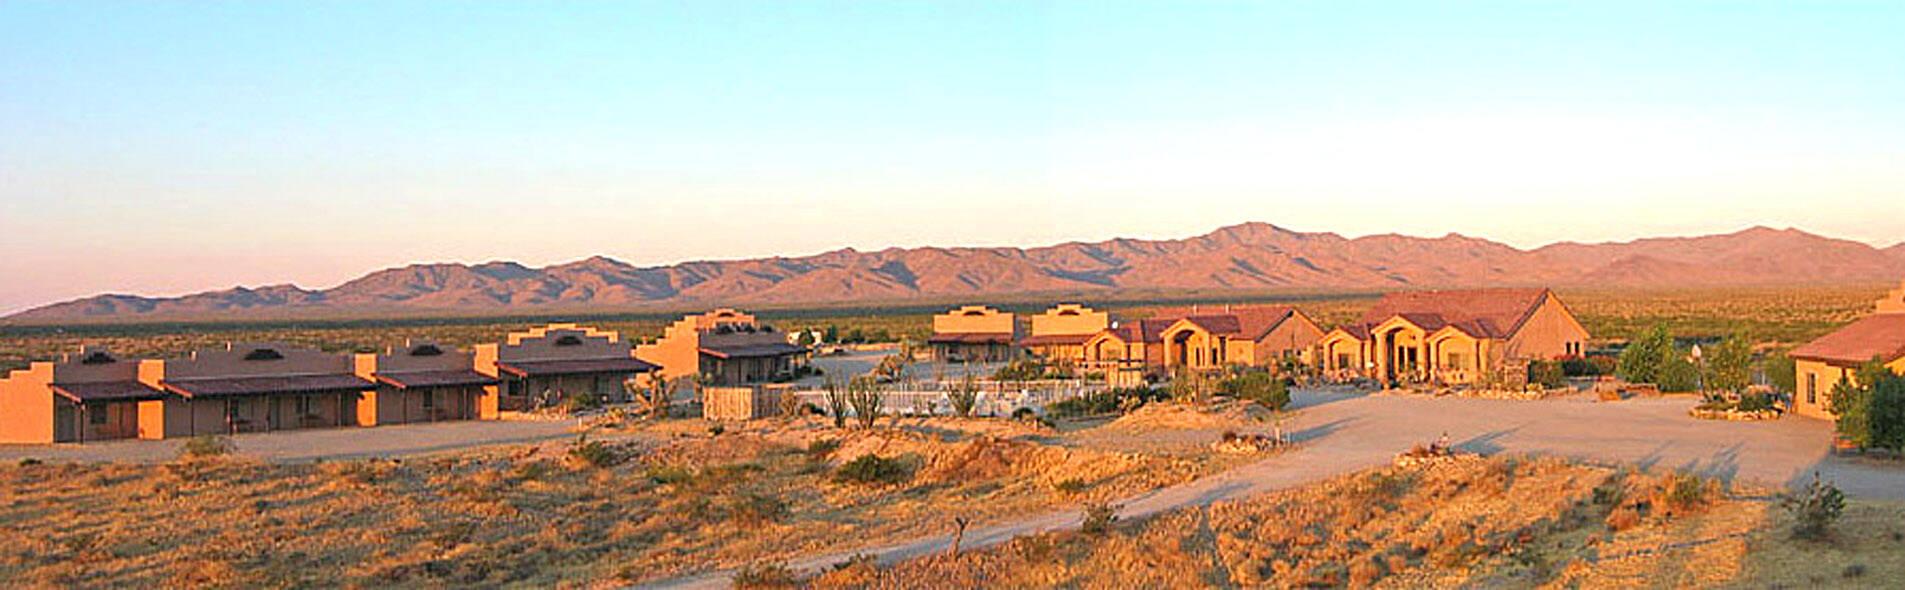 Stagecoach Trails Ranch B